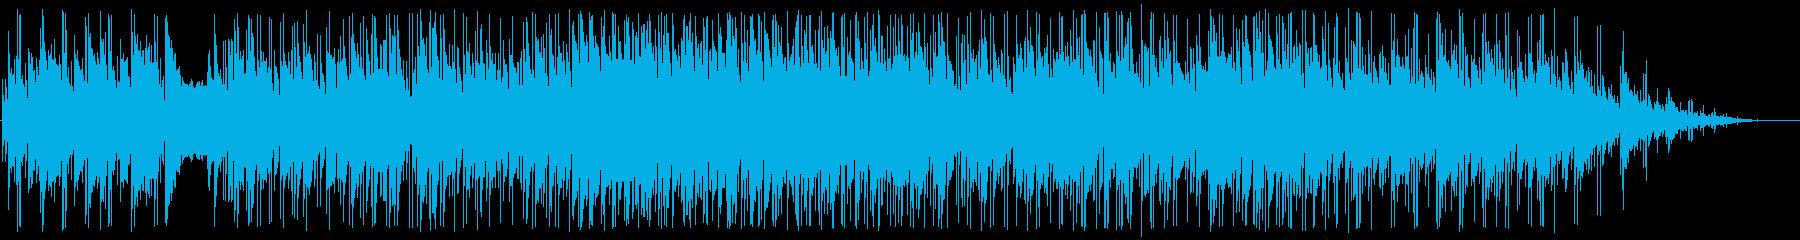 さわやかで軽快なフュージョンの再生済みの波形